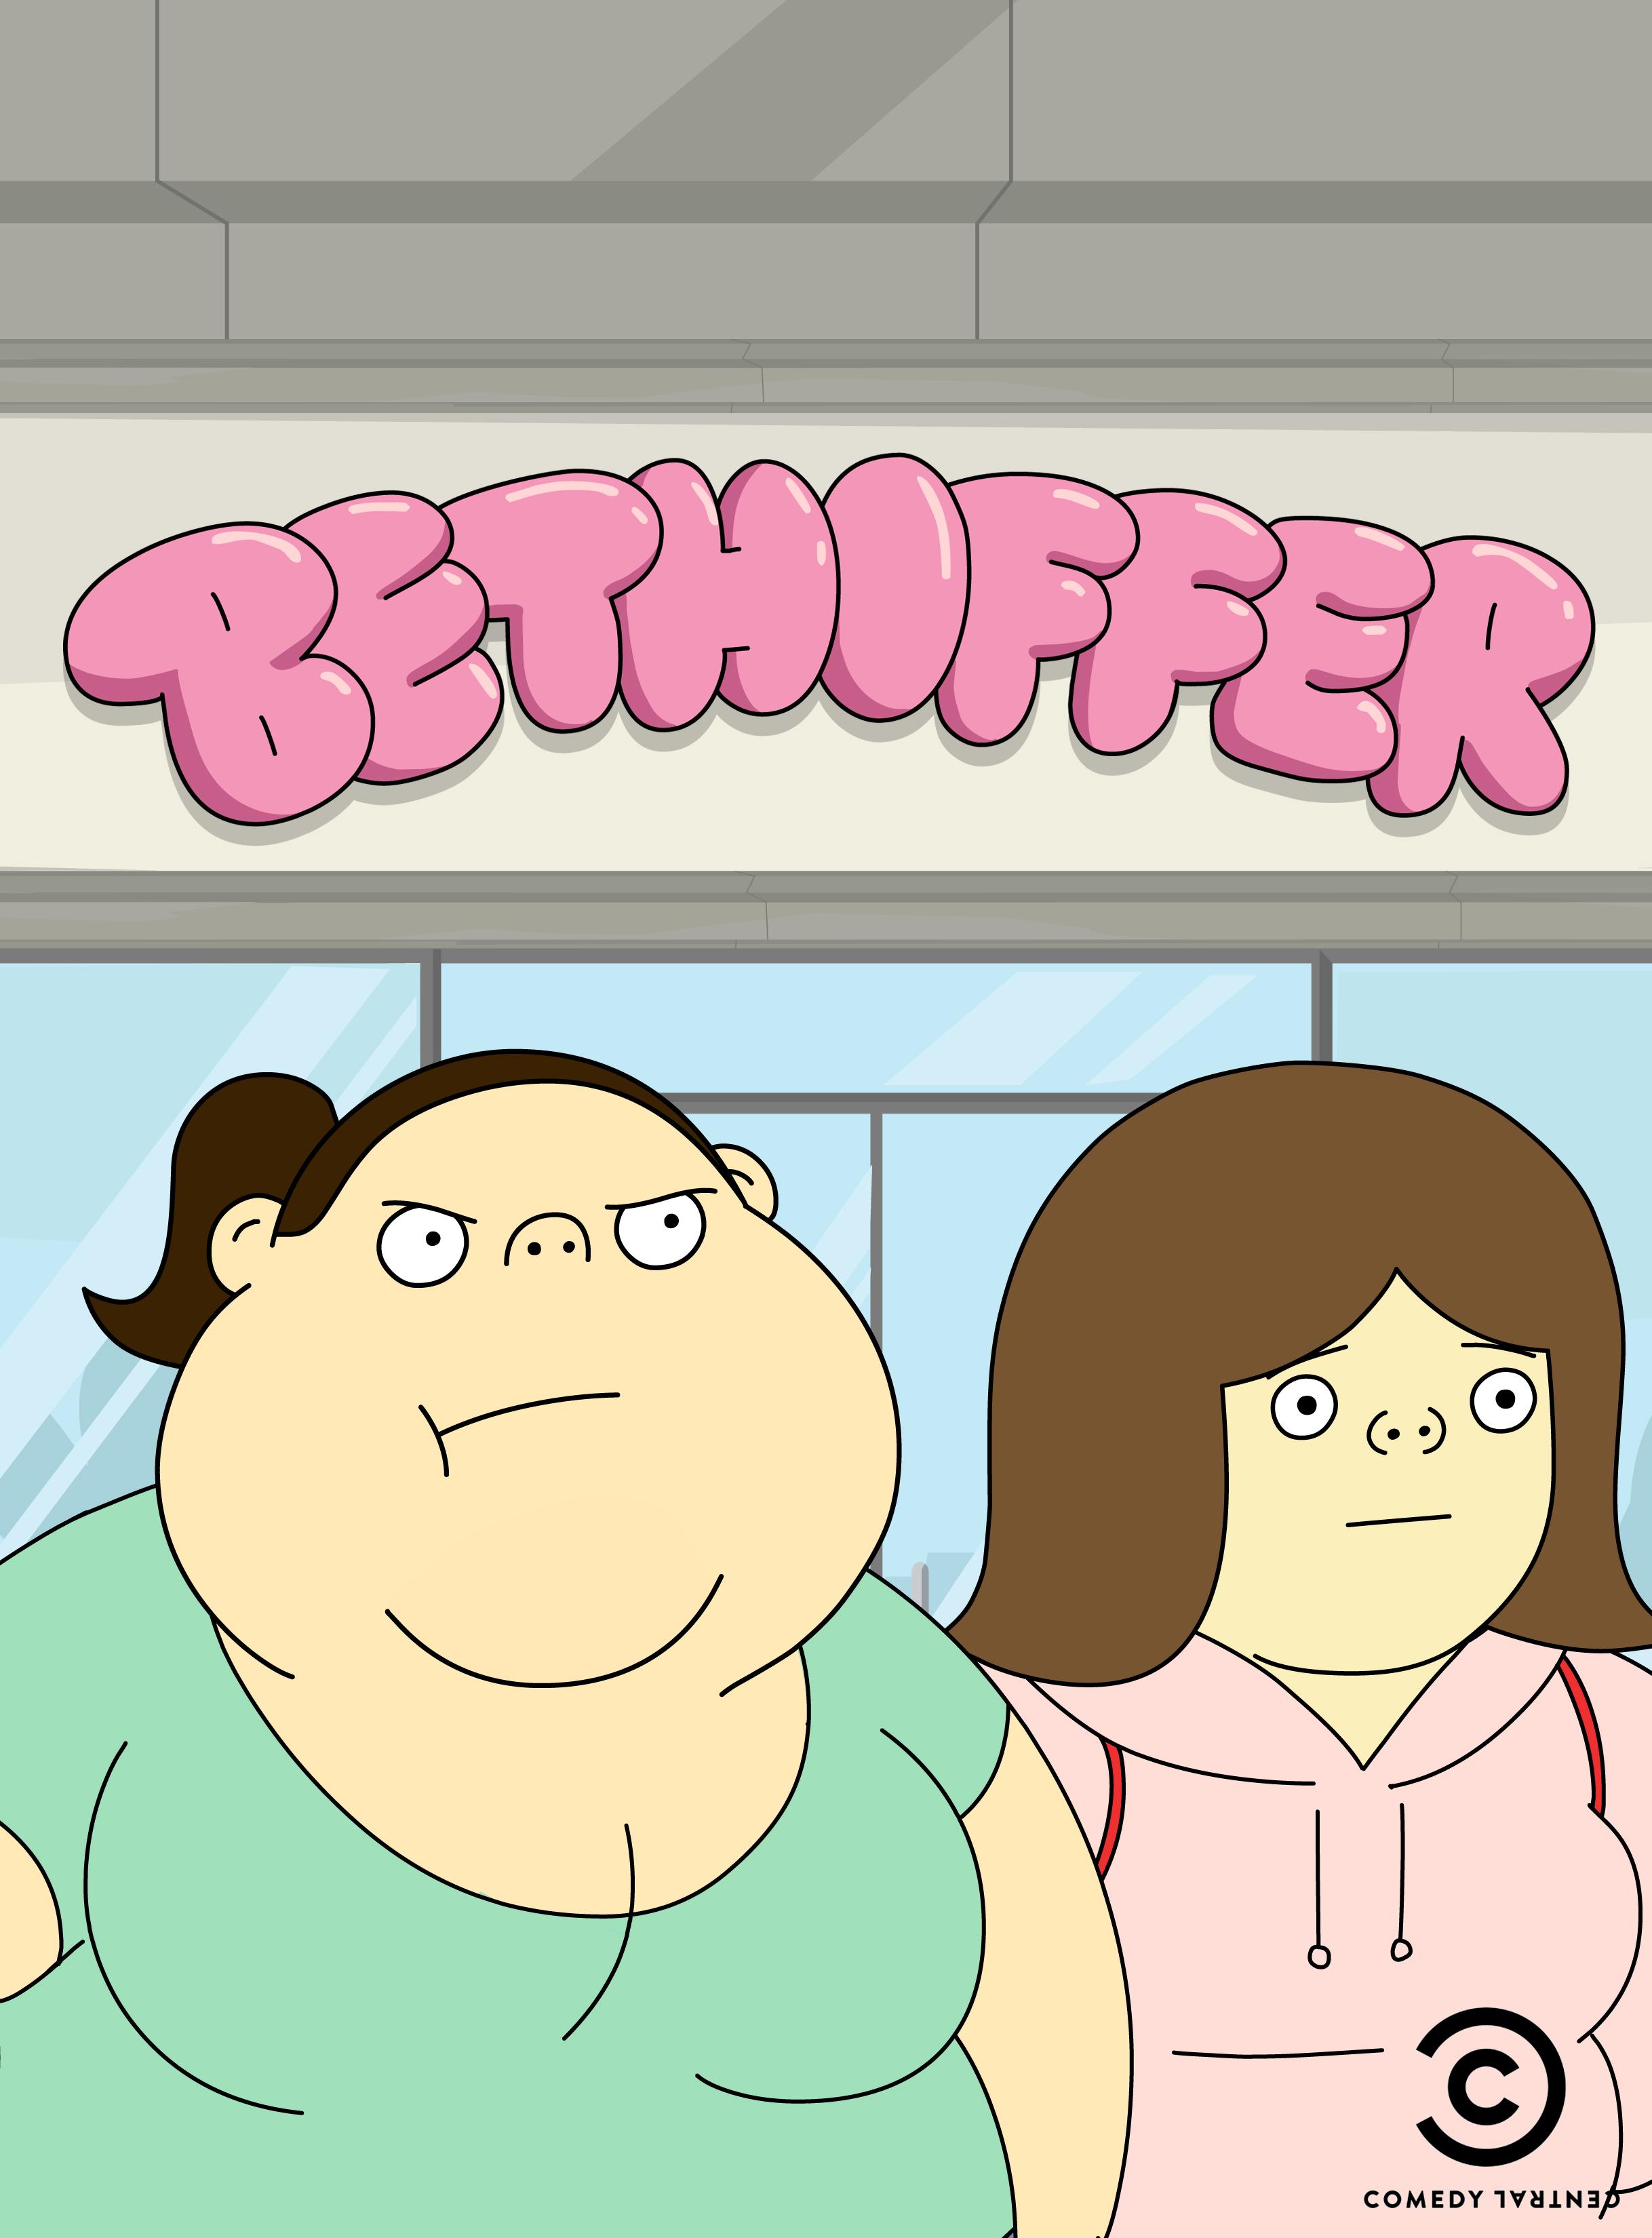 BETHIFFER.jpg